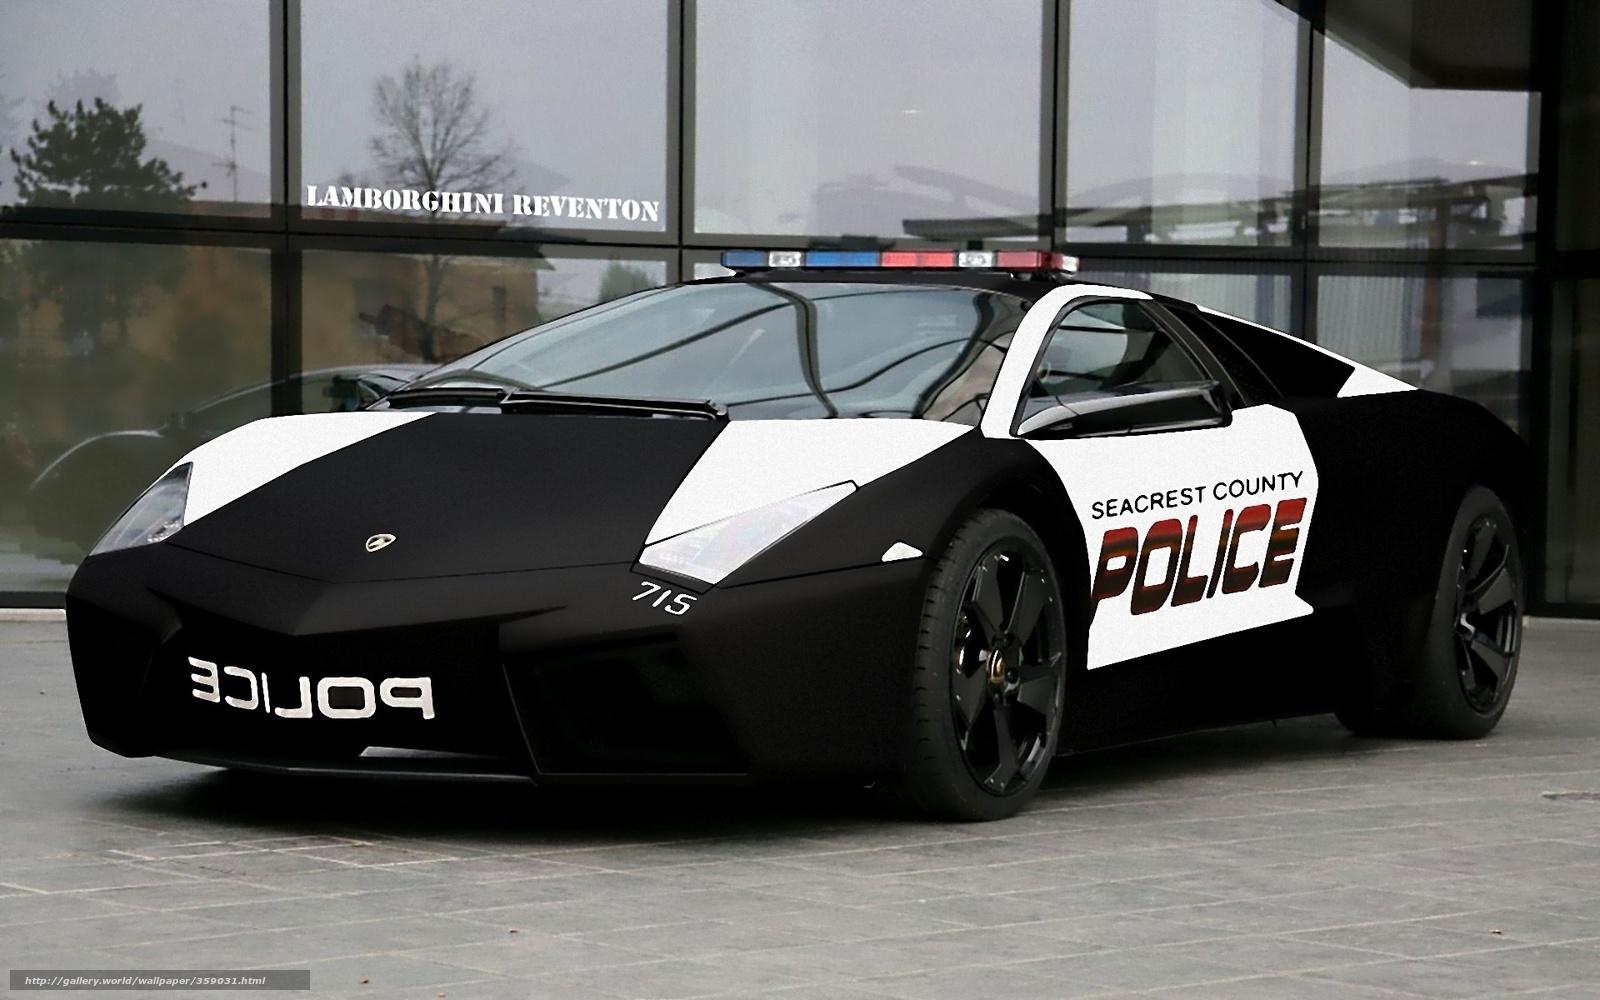 Lamborghini Reventon Lamborghini Car Cars 1920x1200 1600x1000